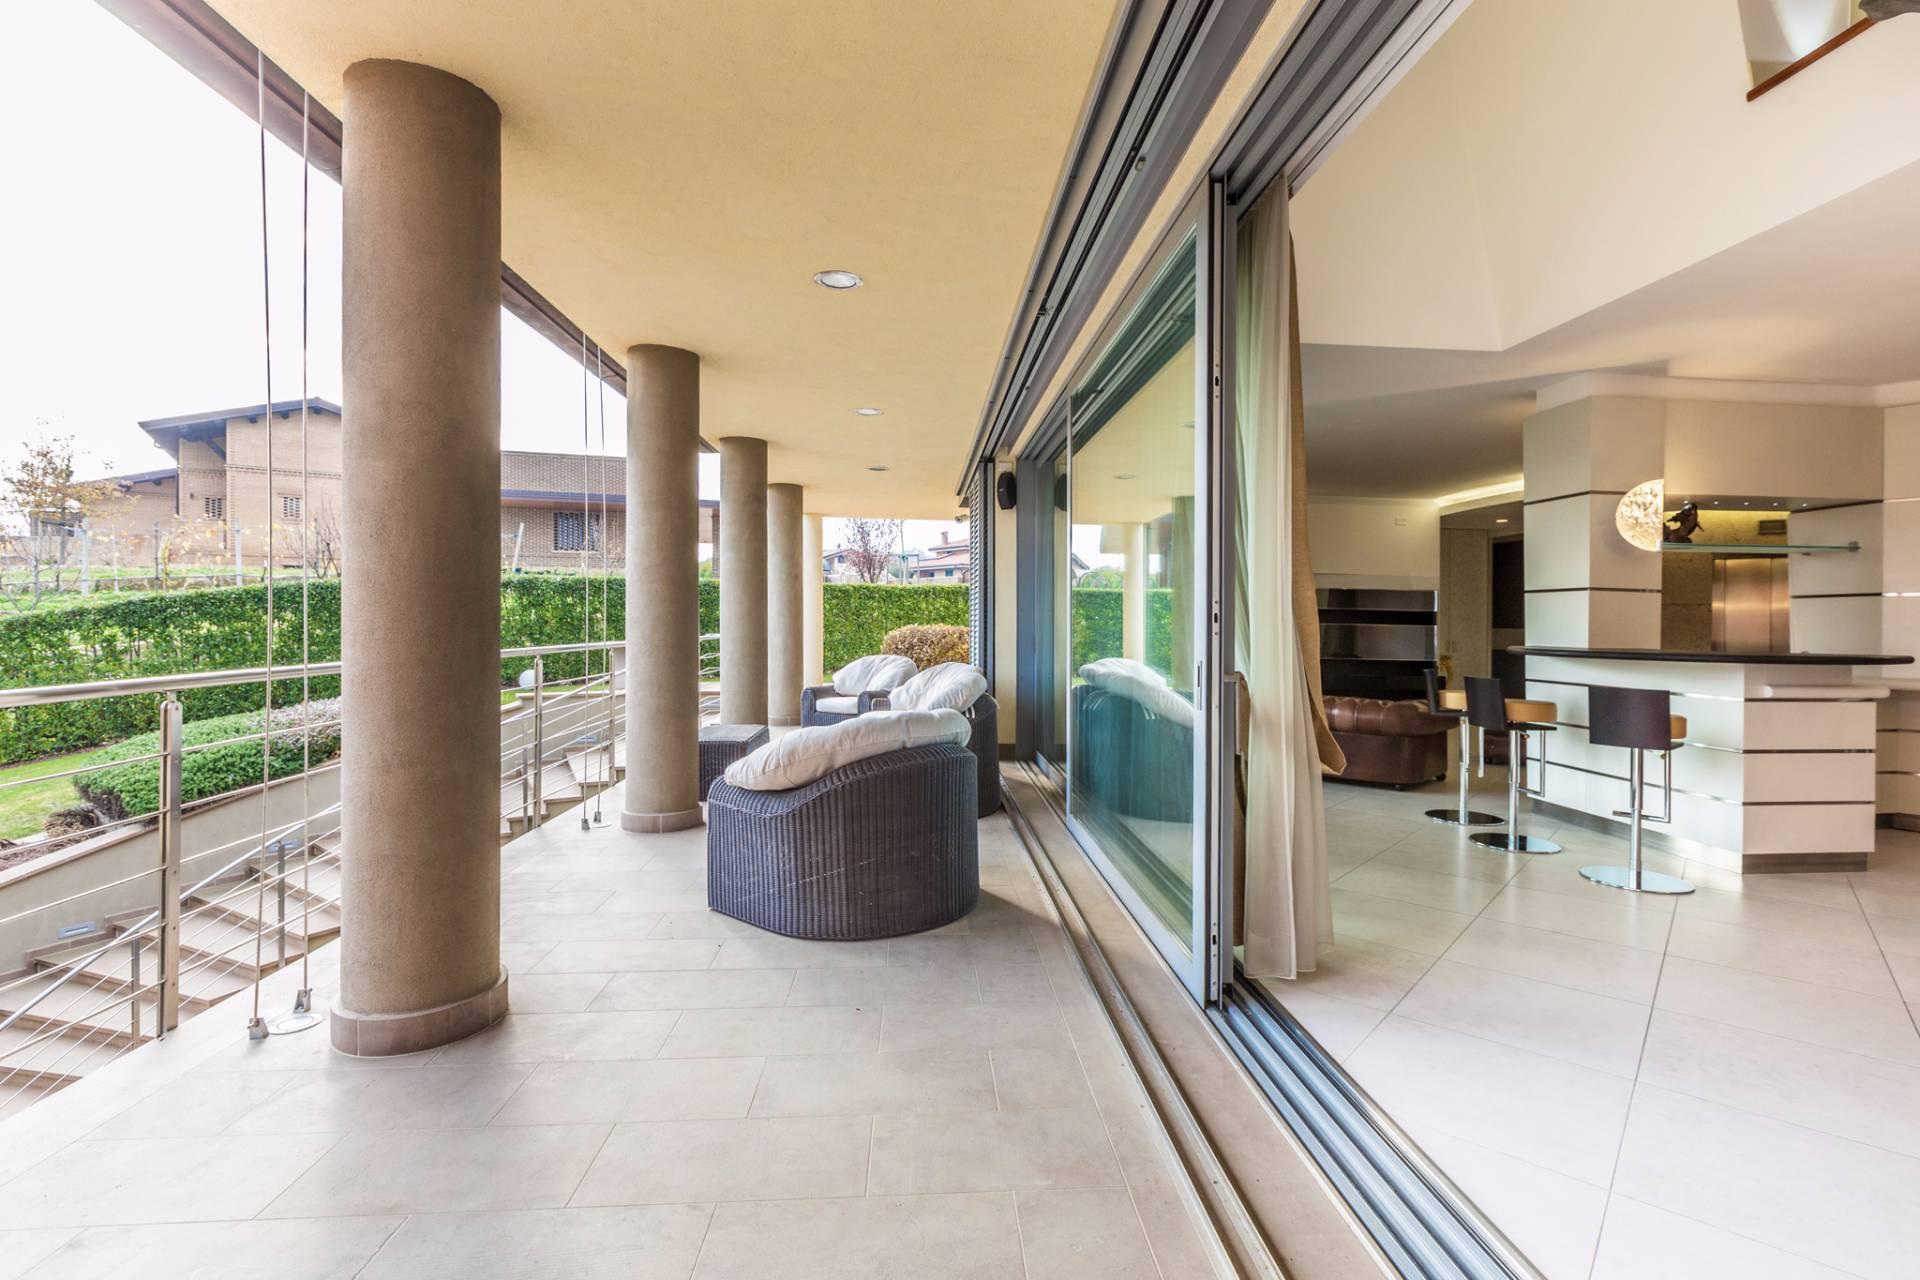 Villa in Vendita a Castel San Pietro Terme: 5 locali, 460 mq